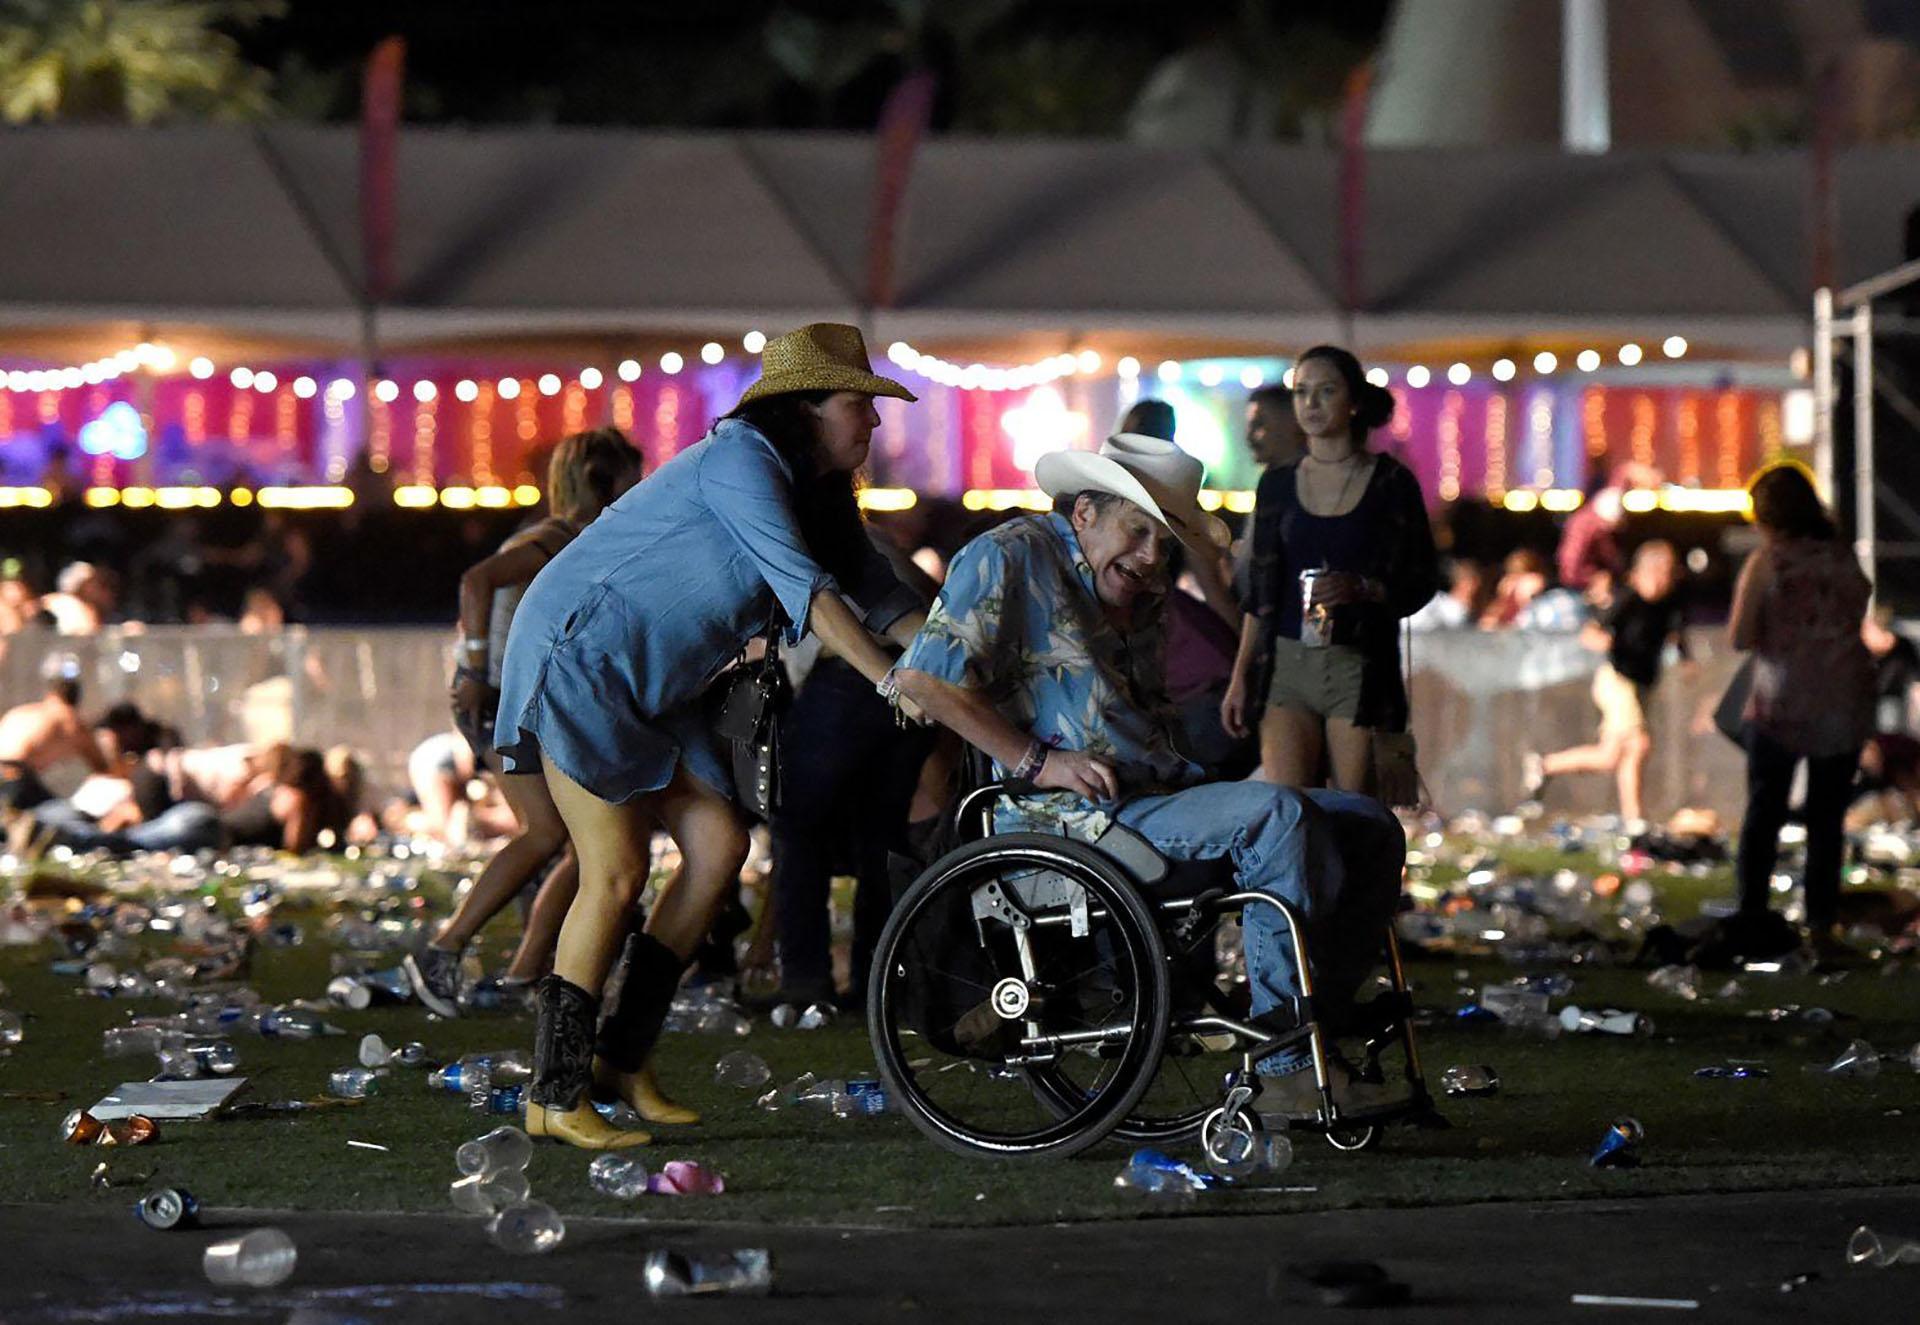 Massacre in Las Vegas – Masacre en Las Vegas: 58 personas murieron y más de 500 resultaron heridas después de que Stephen Paddock abriera fuego contra una multitud de más de 20.000 espectadores en el festival de música country de Route 91 Harvest en el Mandalay Bay Resort and Casino en Las Vegas, Nevada, Estados Unidos. (David Becker, Estados Unidos)